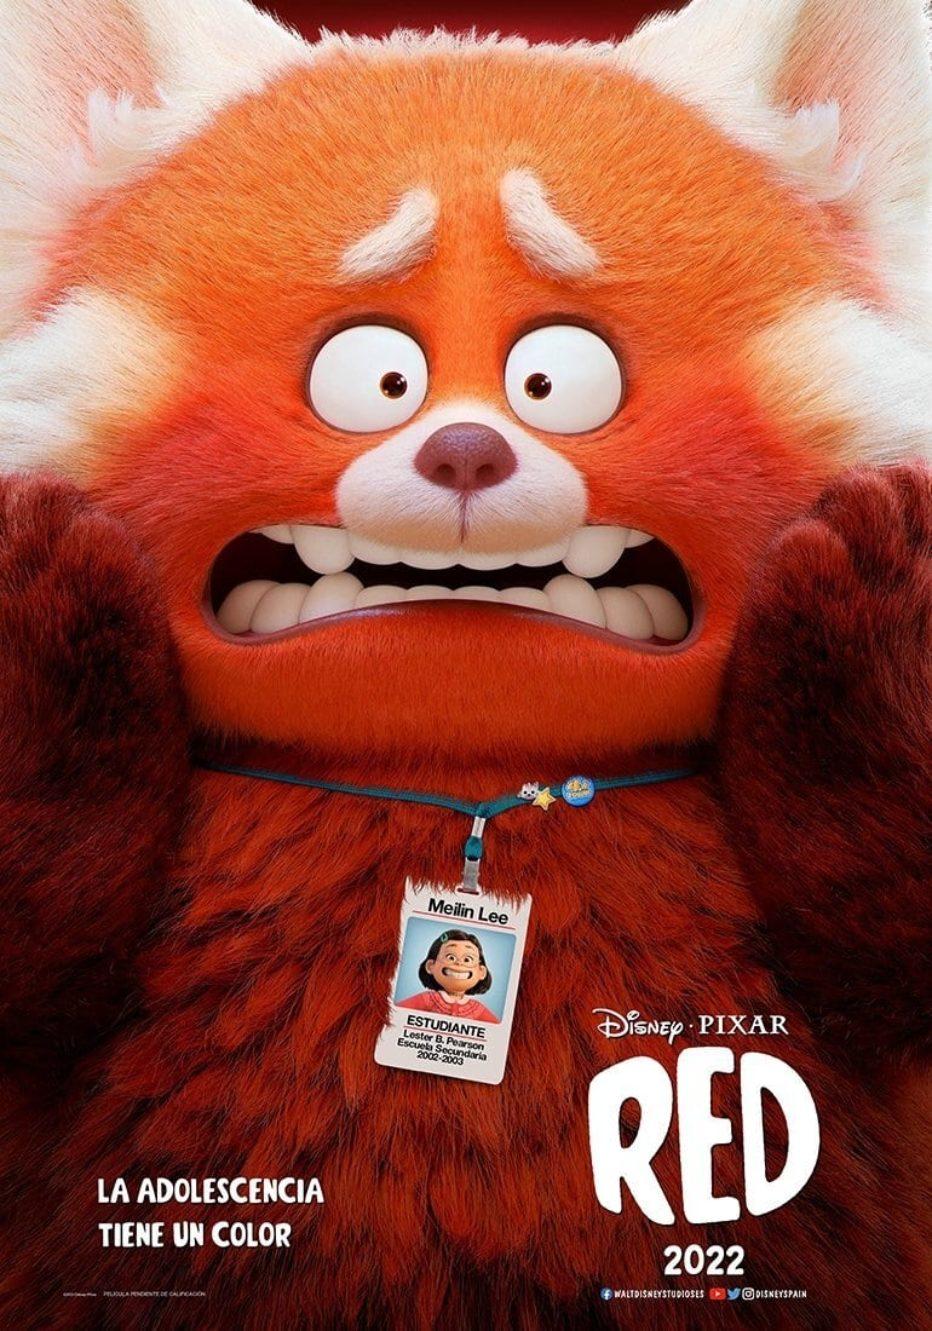 Trailer de Red de Pixar y Disney